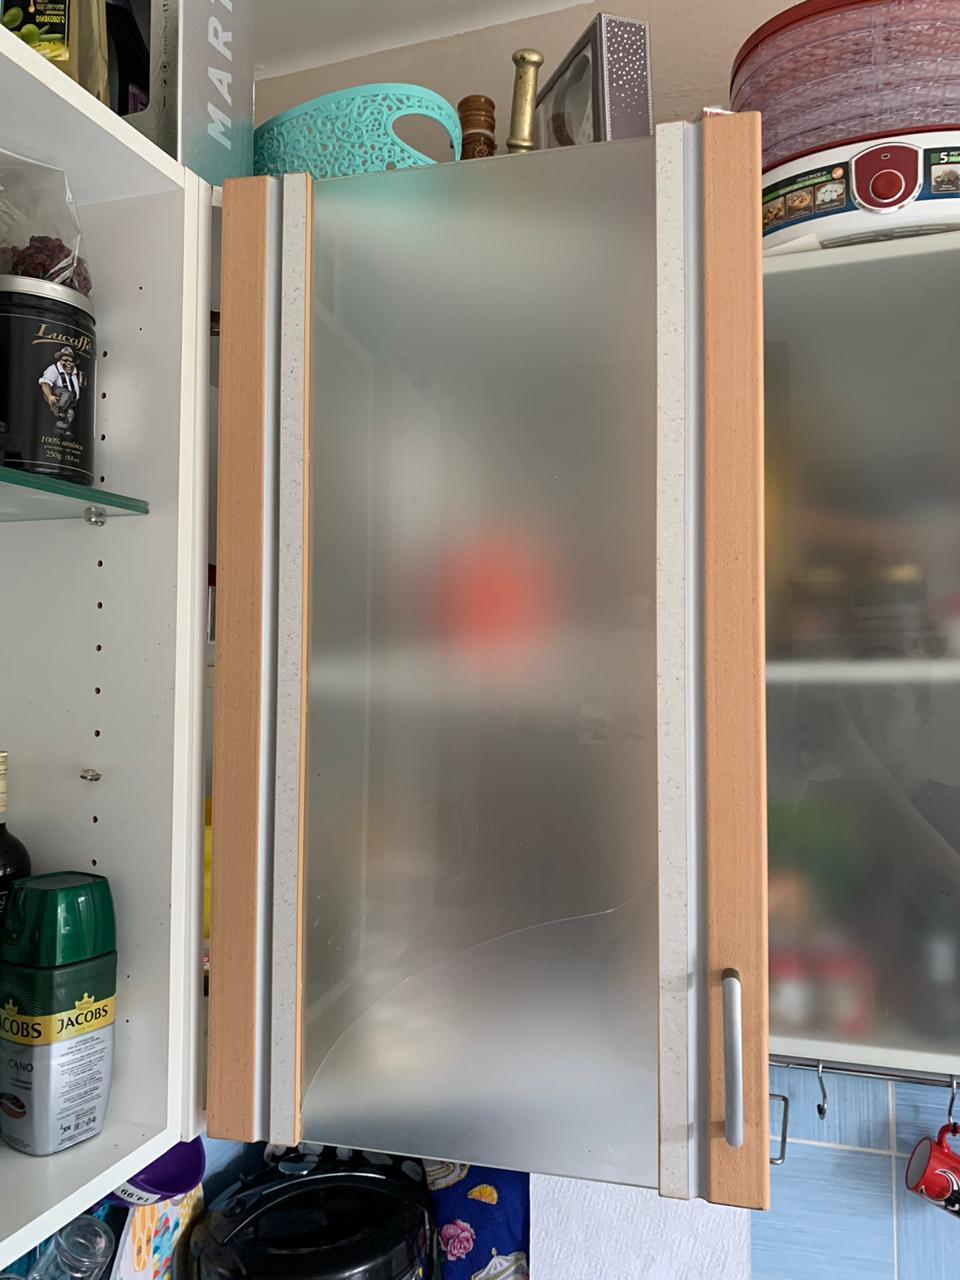 разбилось стекло вклеенное в рамку дверцы кухни